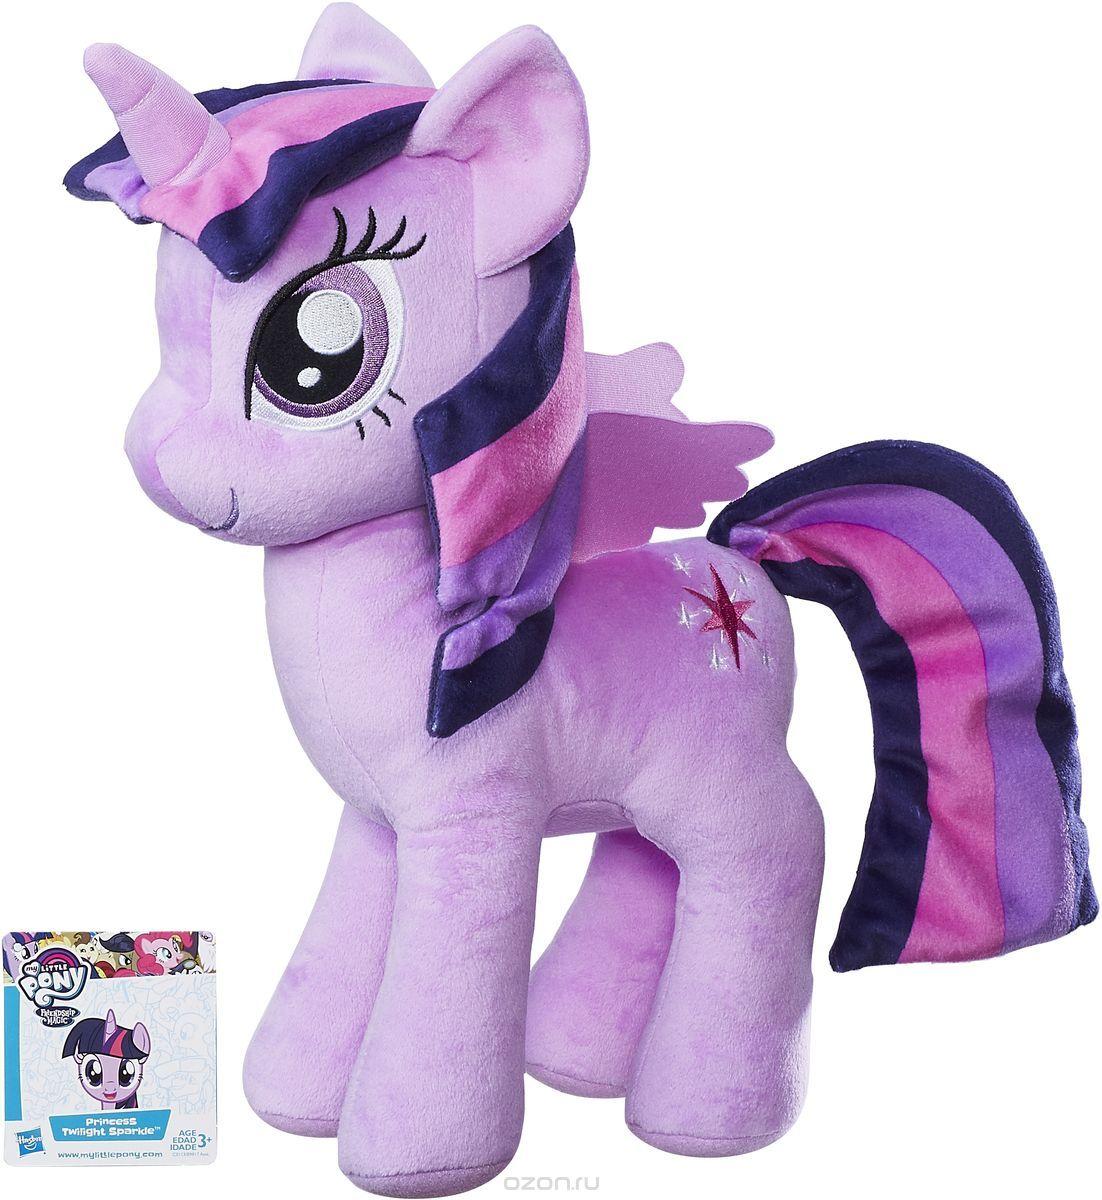 My Little PonyМягкая игрушка Плюшевые пони Твайлайт Спаркл 30 см